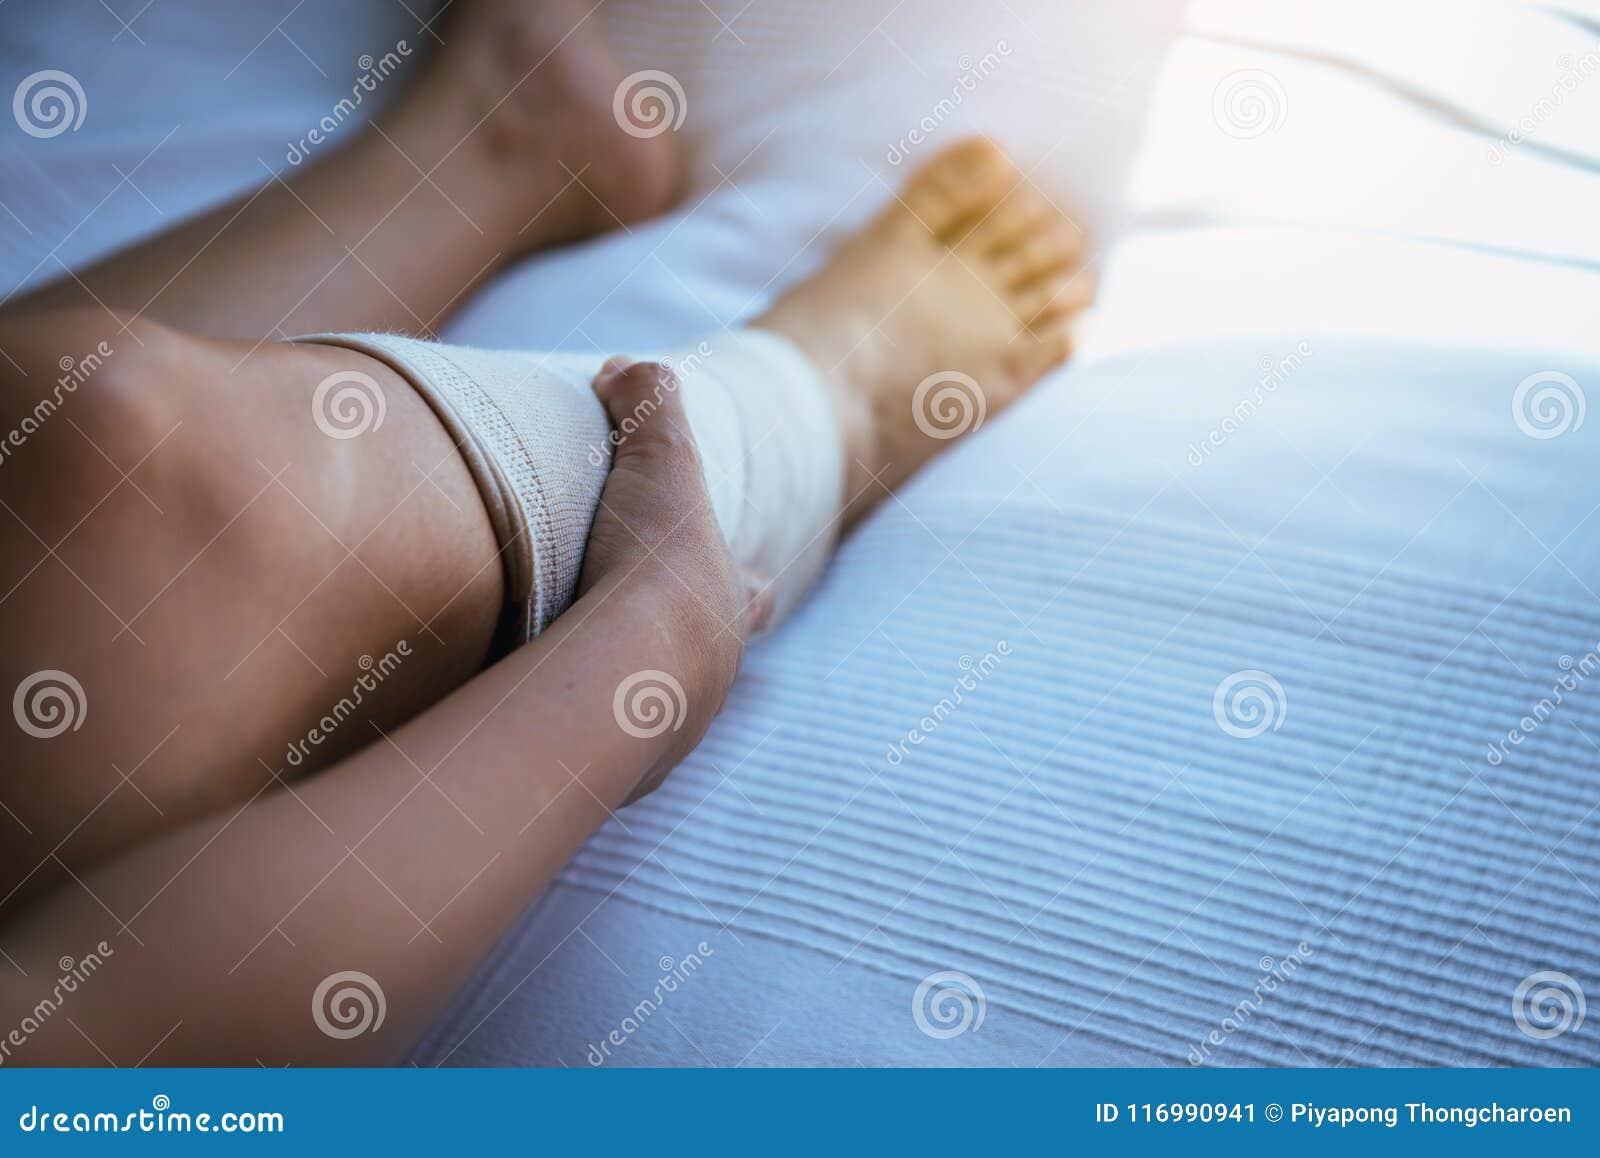 Kobieta używa stawiającego dalej elastycznego bandaż z nogami ma kolana lub nogi ból